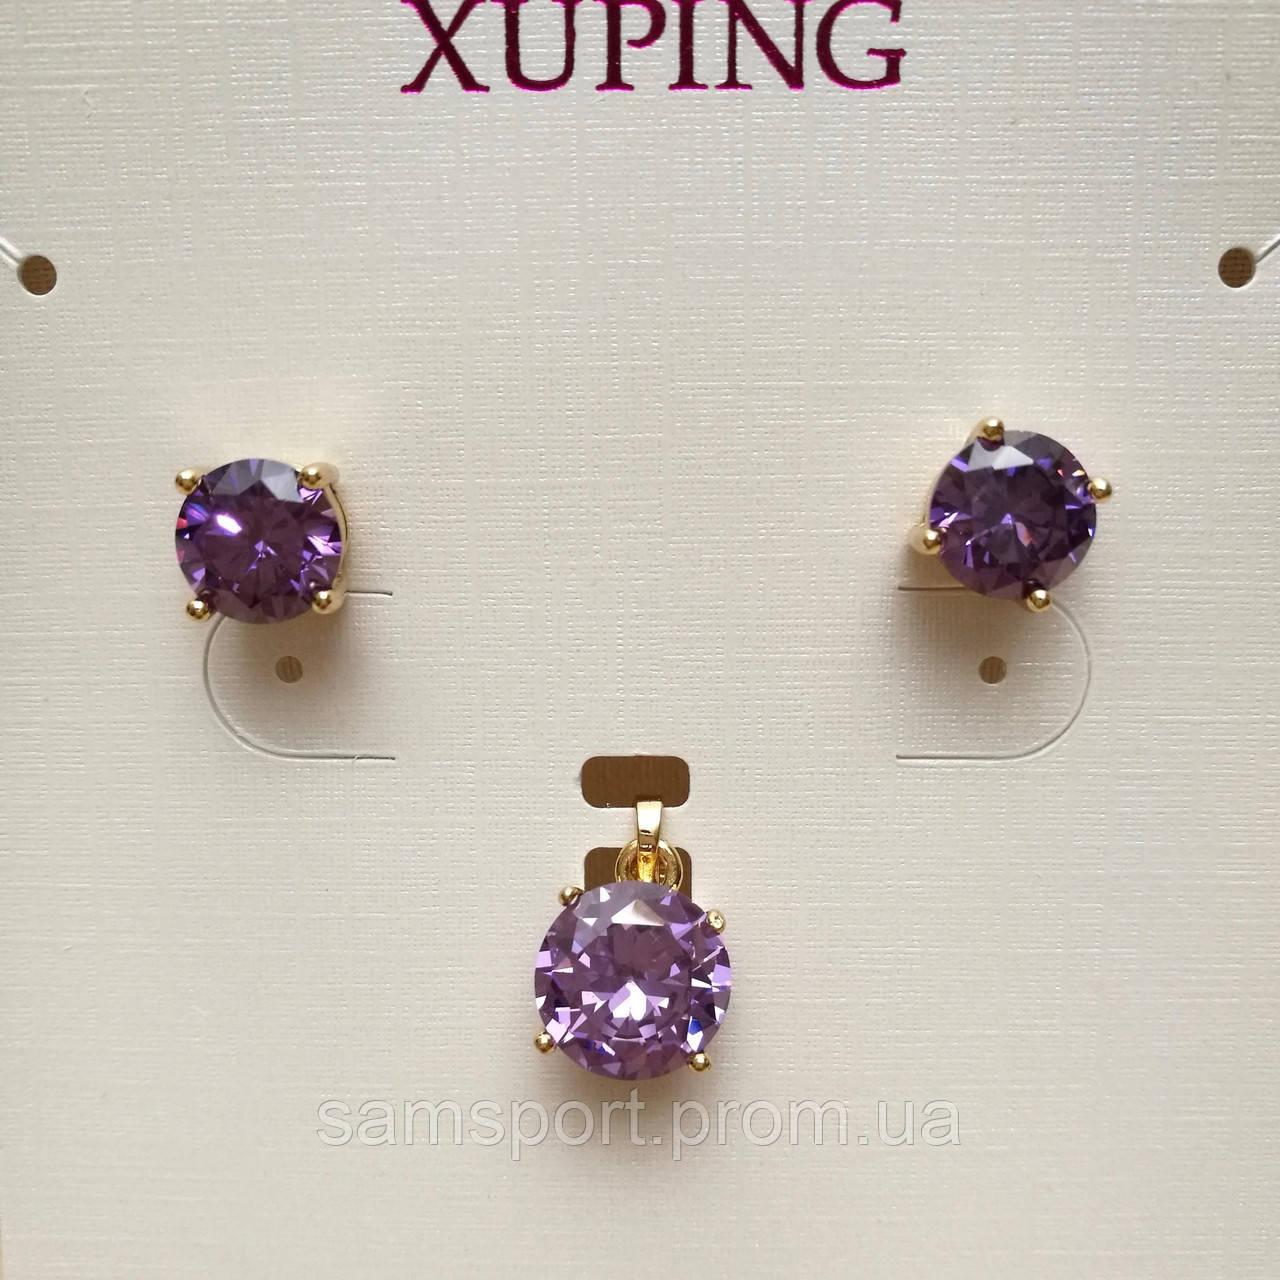 Ювелирная бижутерия в наборе с фиолетовыми камнями. Элитная позолоченная бижутерия оптом. 294